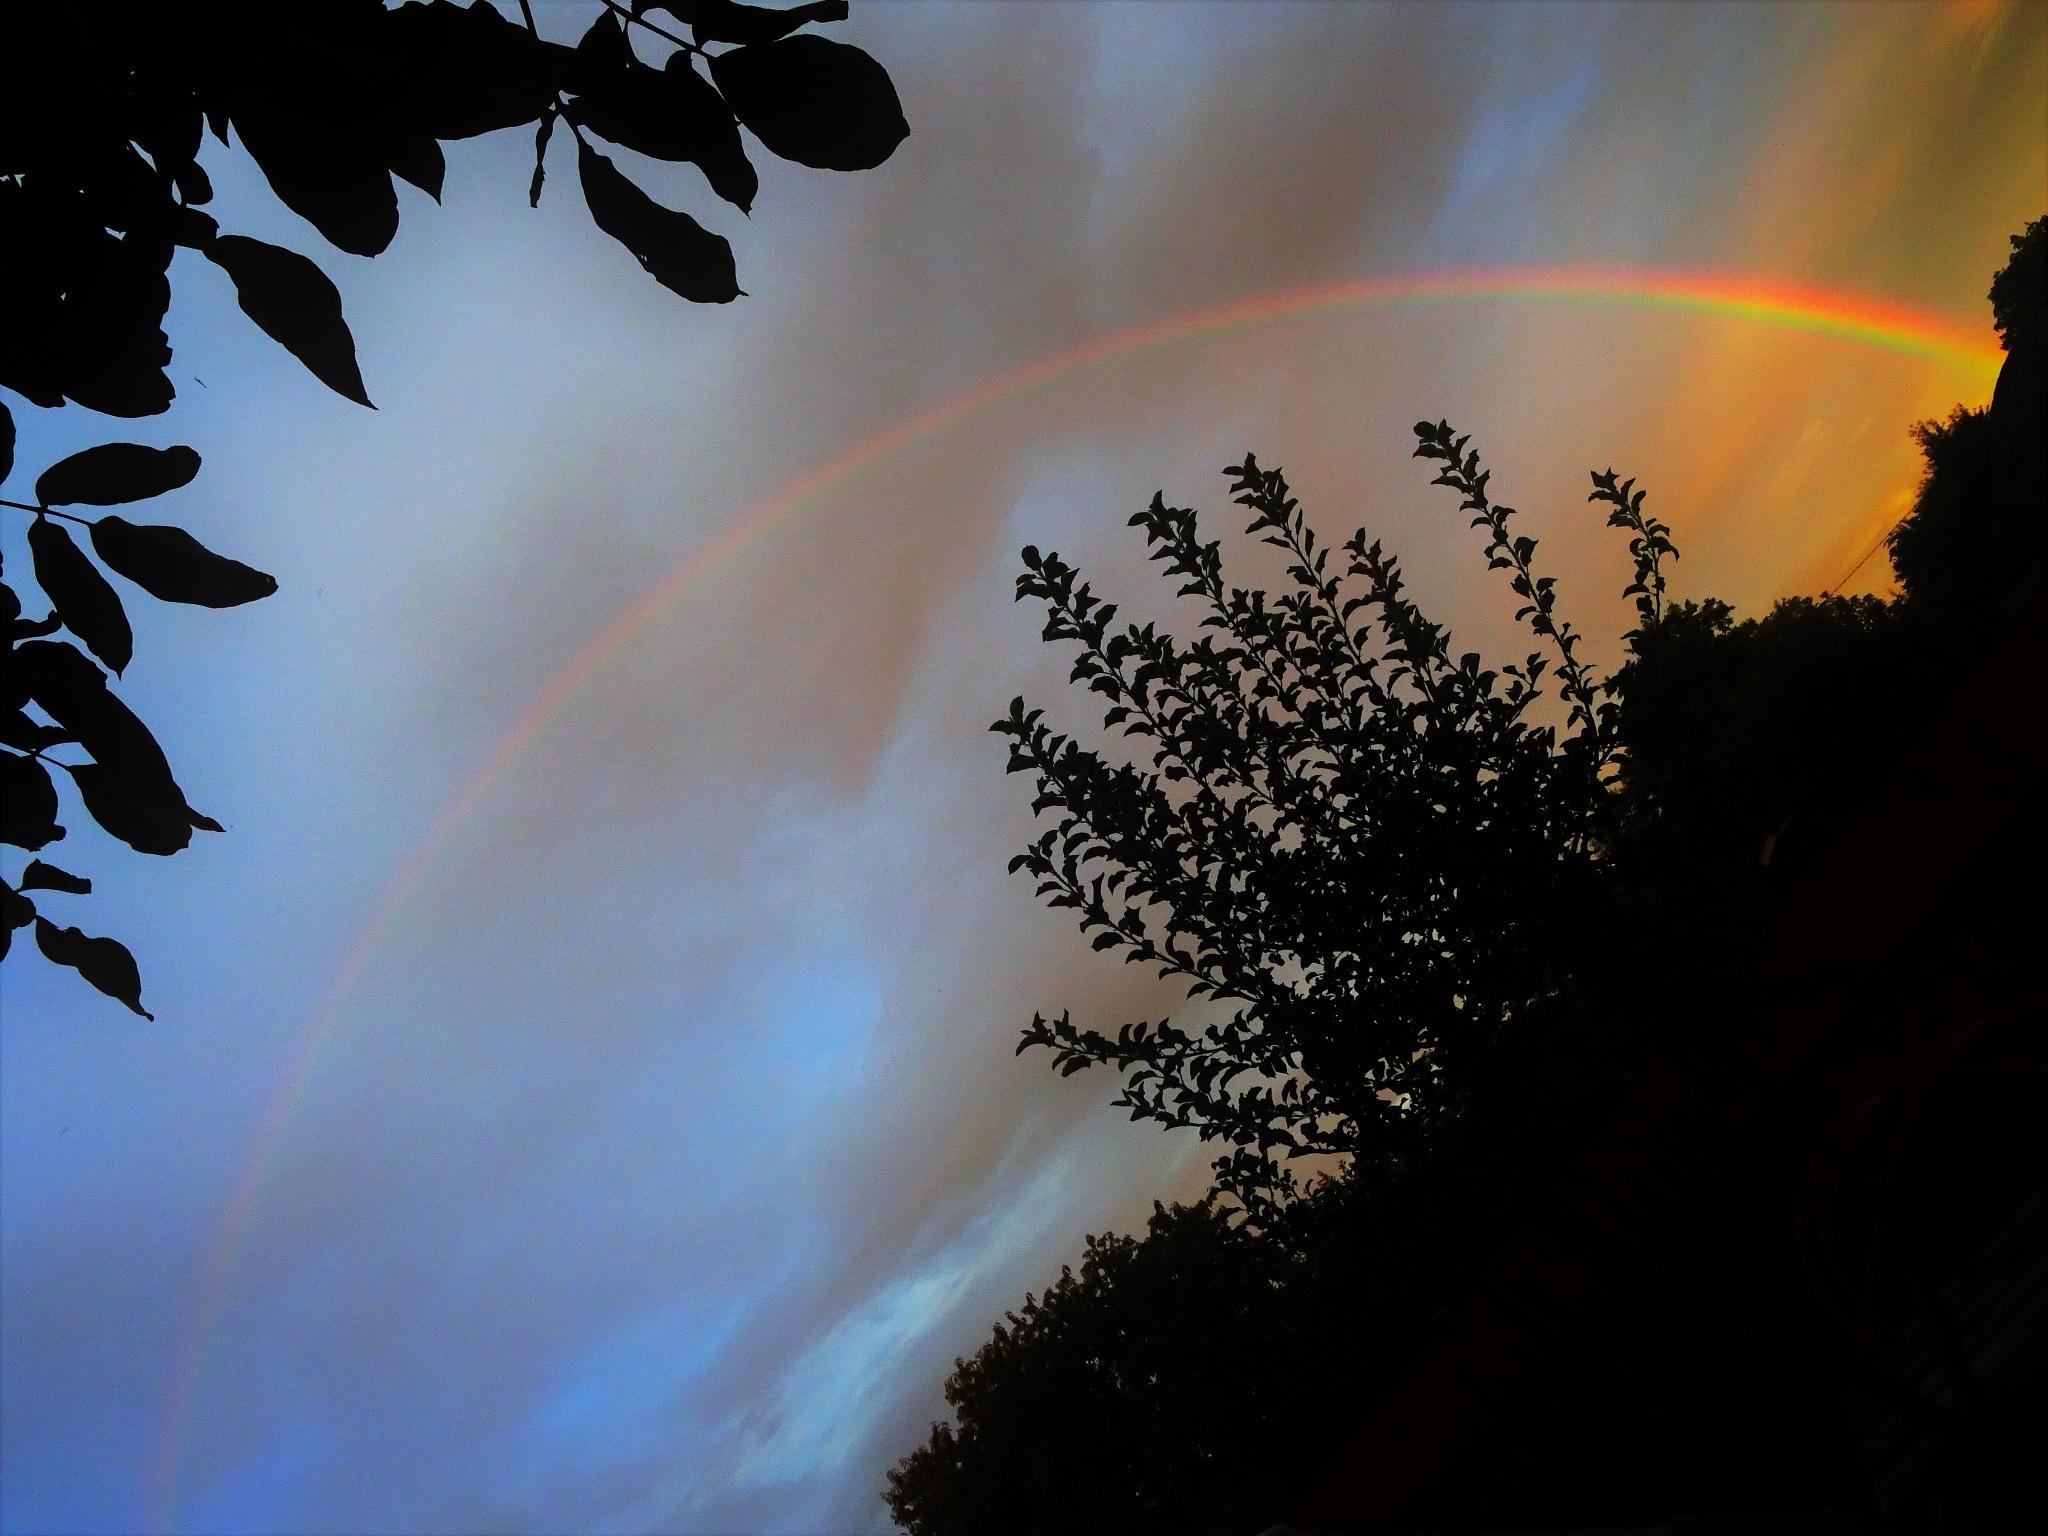 Autumn rainbow by Cristina Loghin